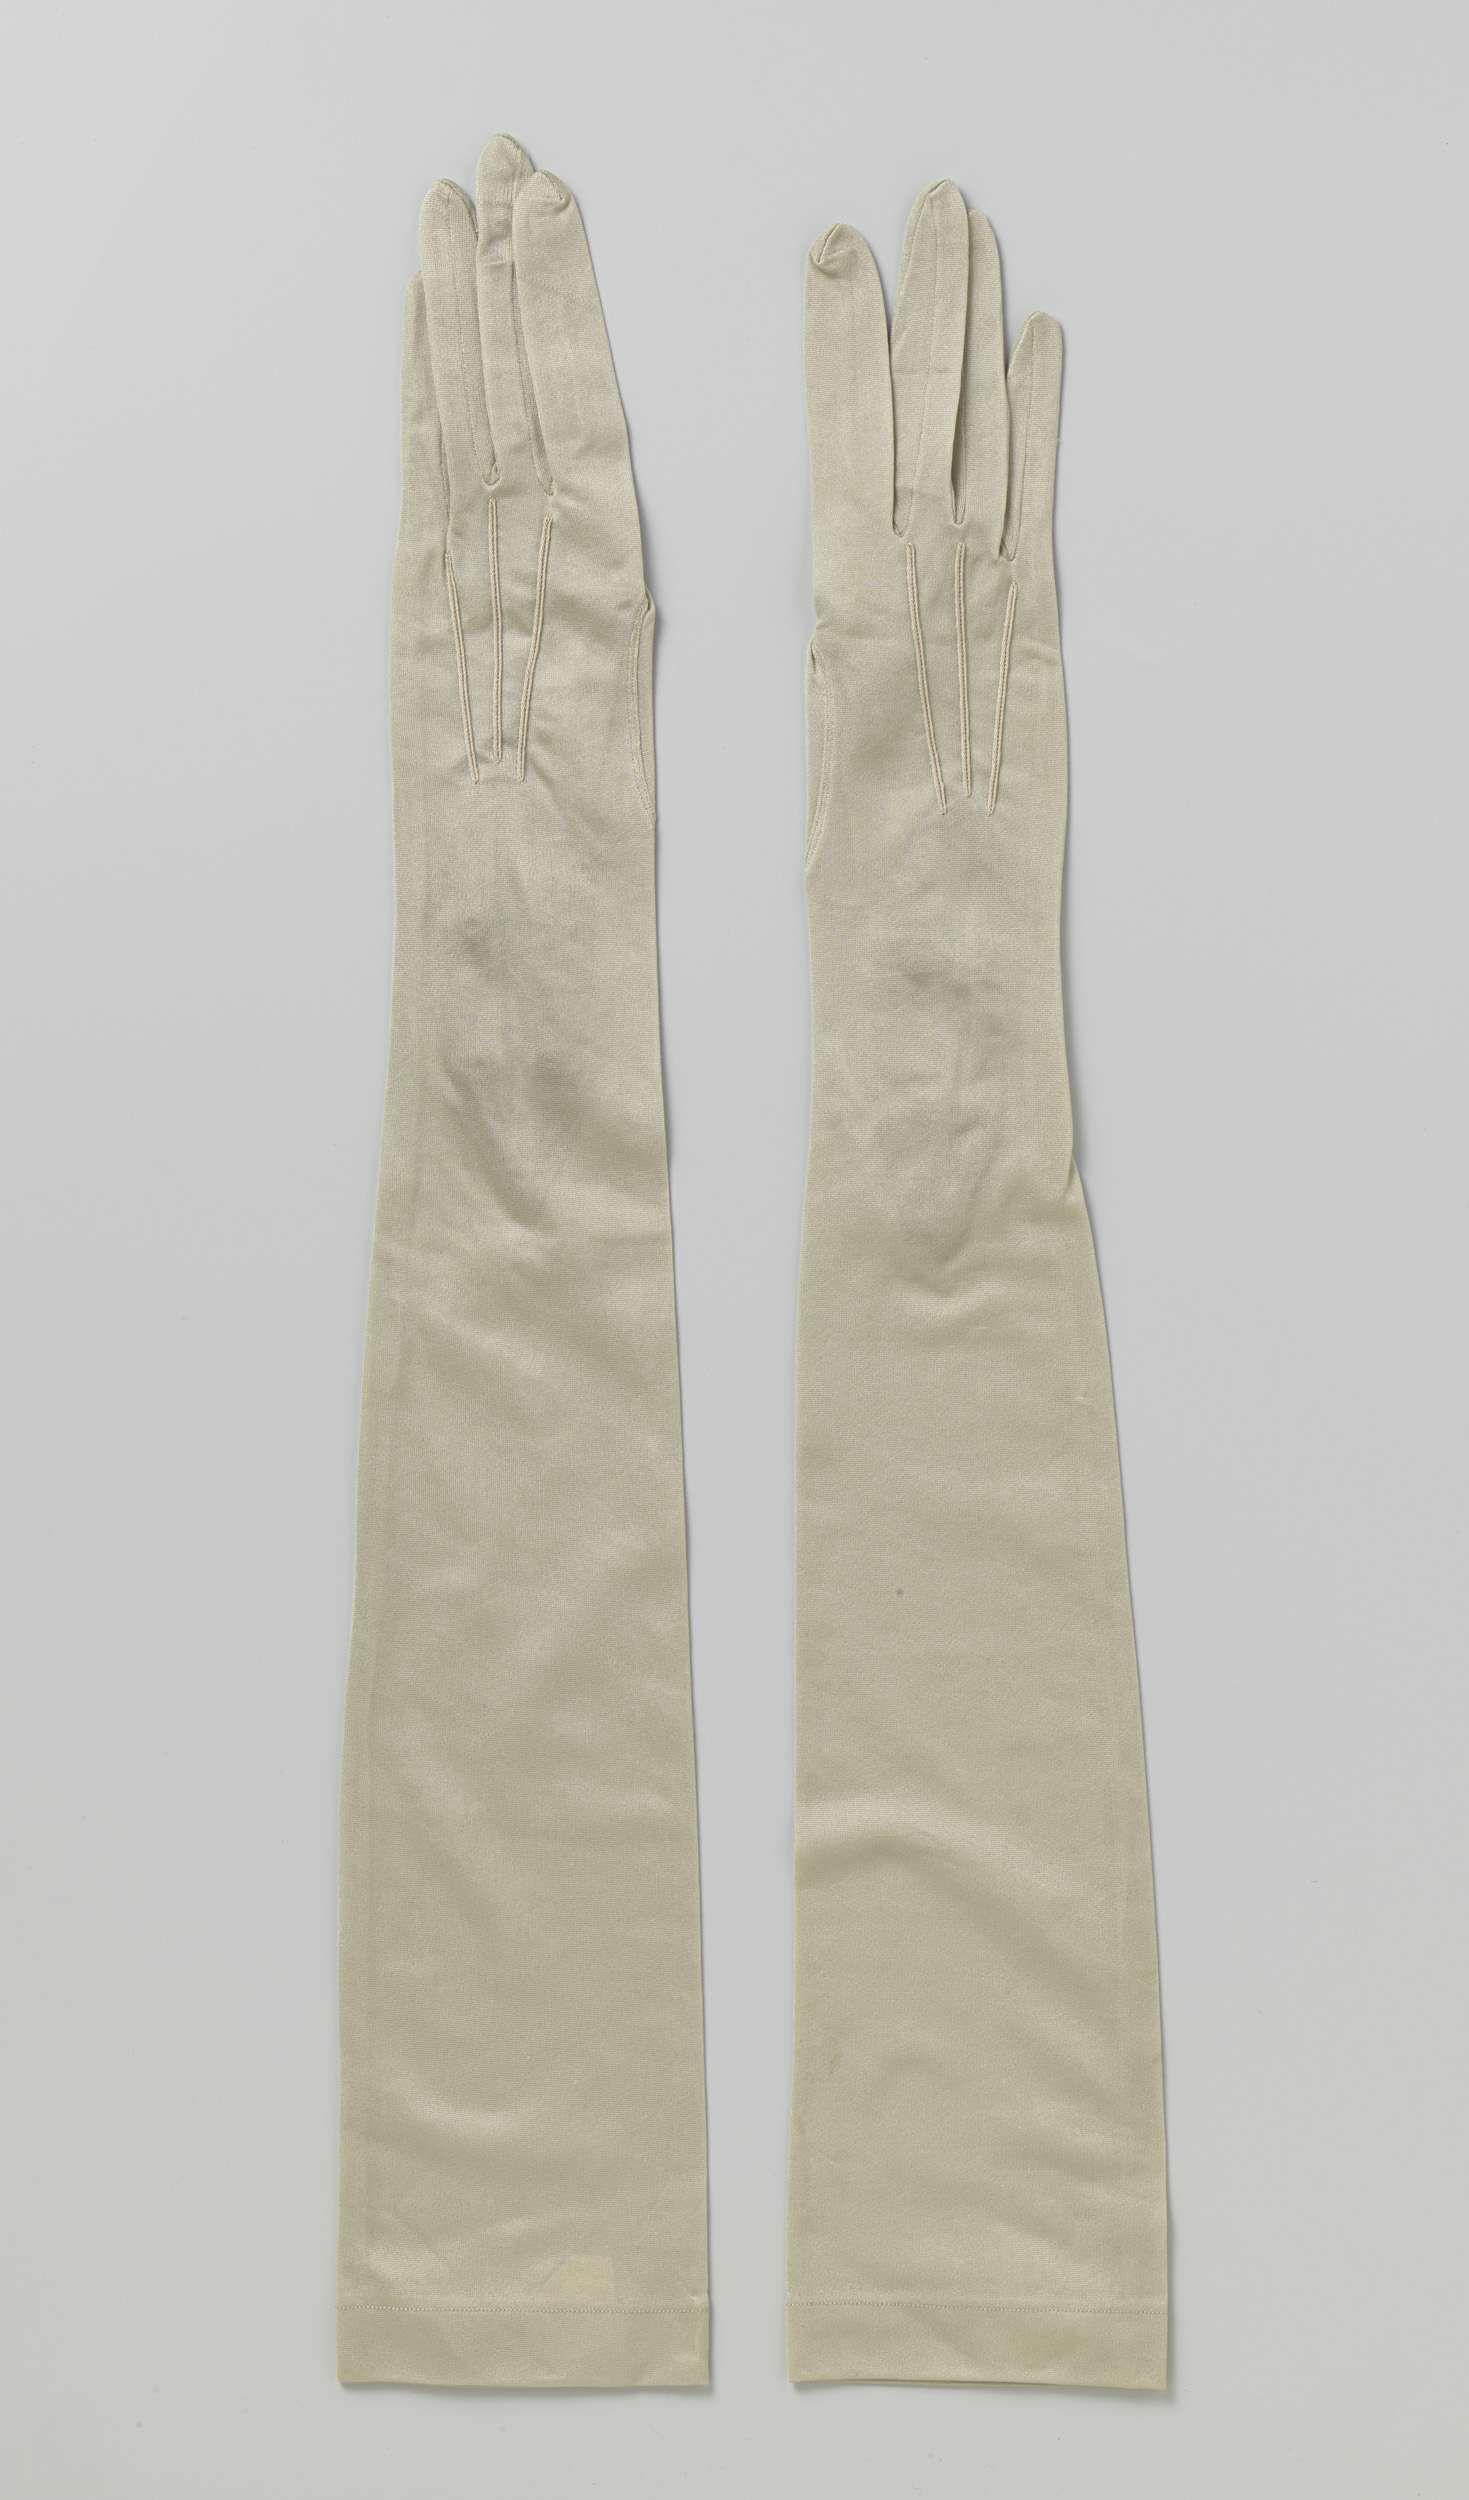 Anonymous | Pair of tricot gloves, Anonymous, c. 1950 - c. 1960 | Linkerhandschoen van bleekgroene stretch zijde met drukknoopsluiting met twee beige drukkknopen.